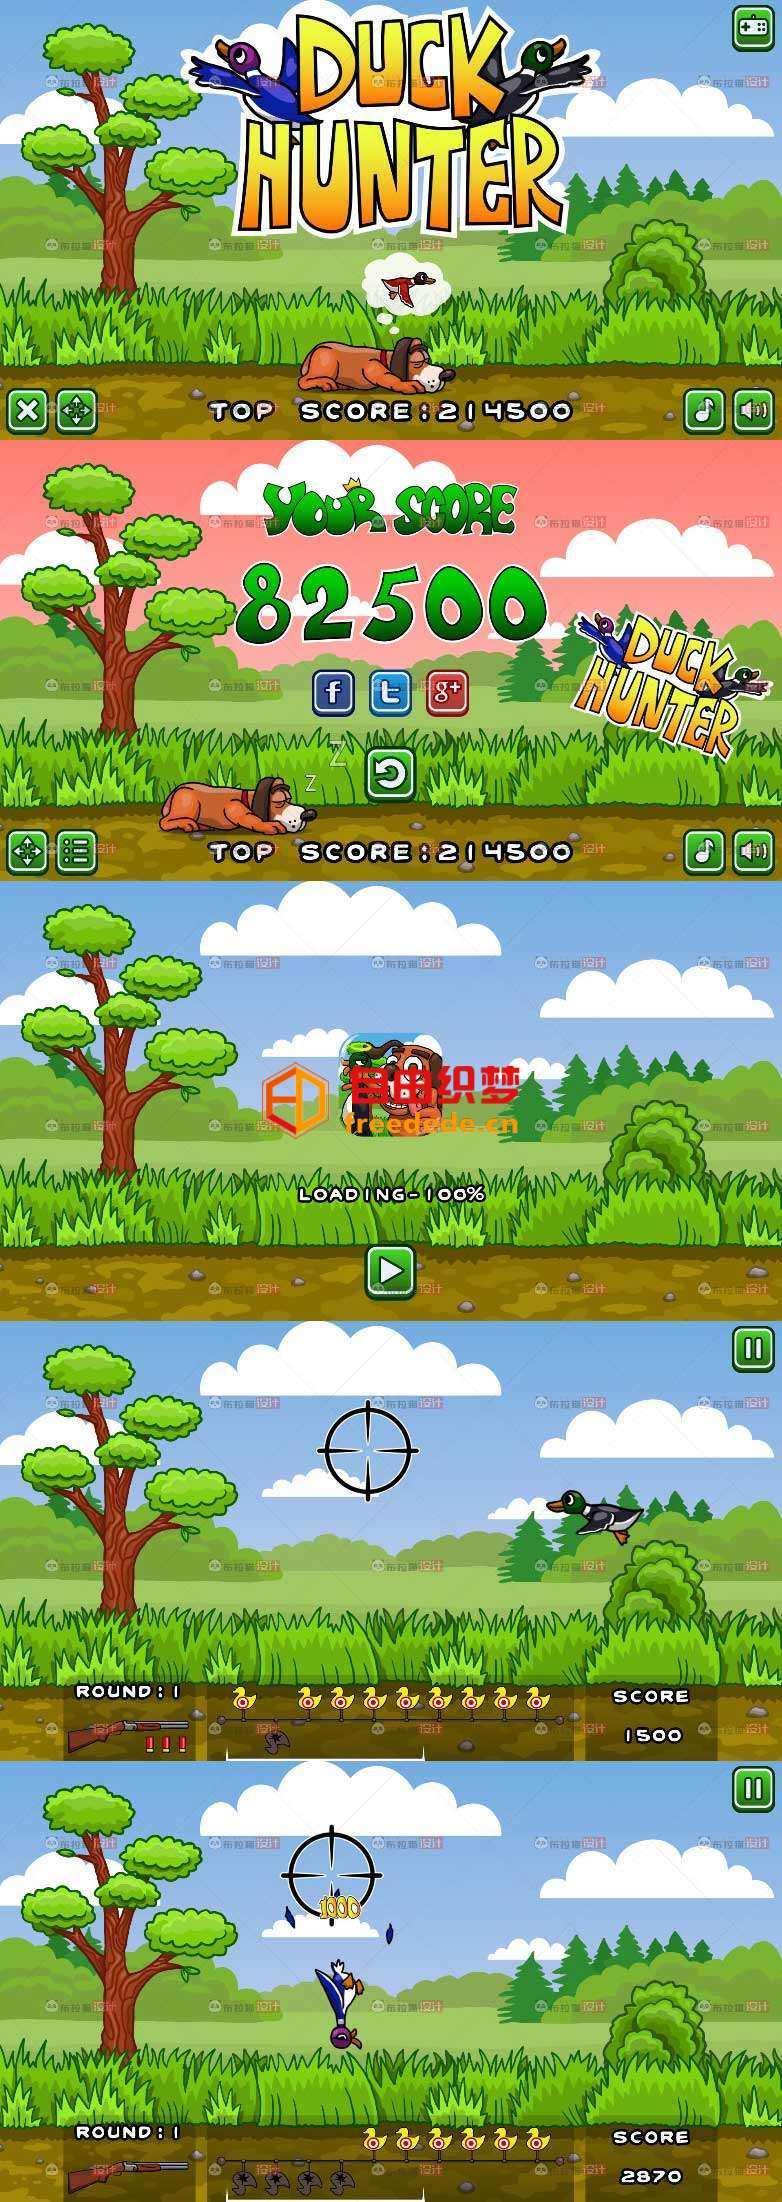 爱上源码网文章html5疯狂狩猎鸭子游戏源码的内容插图